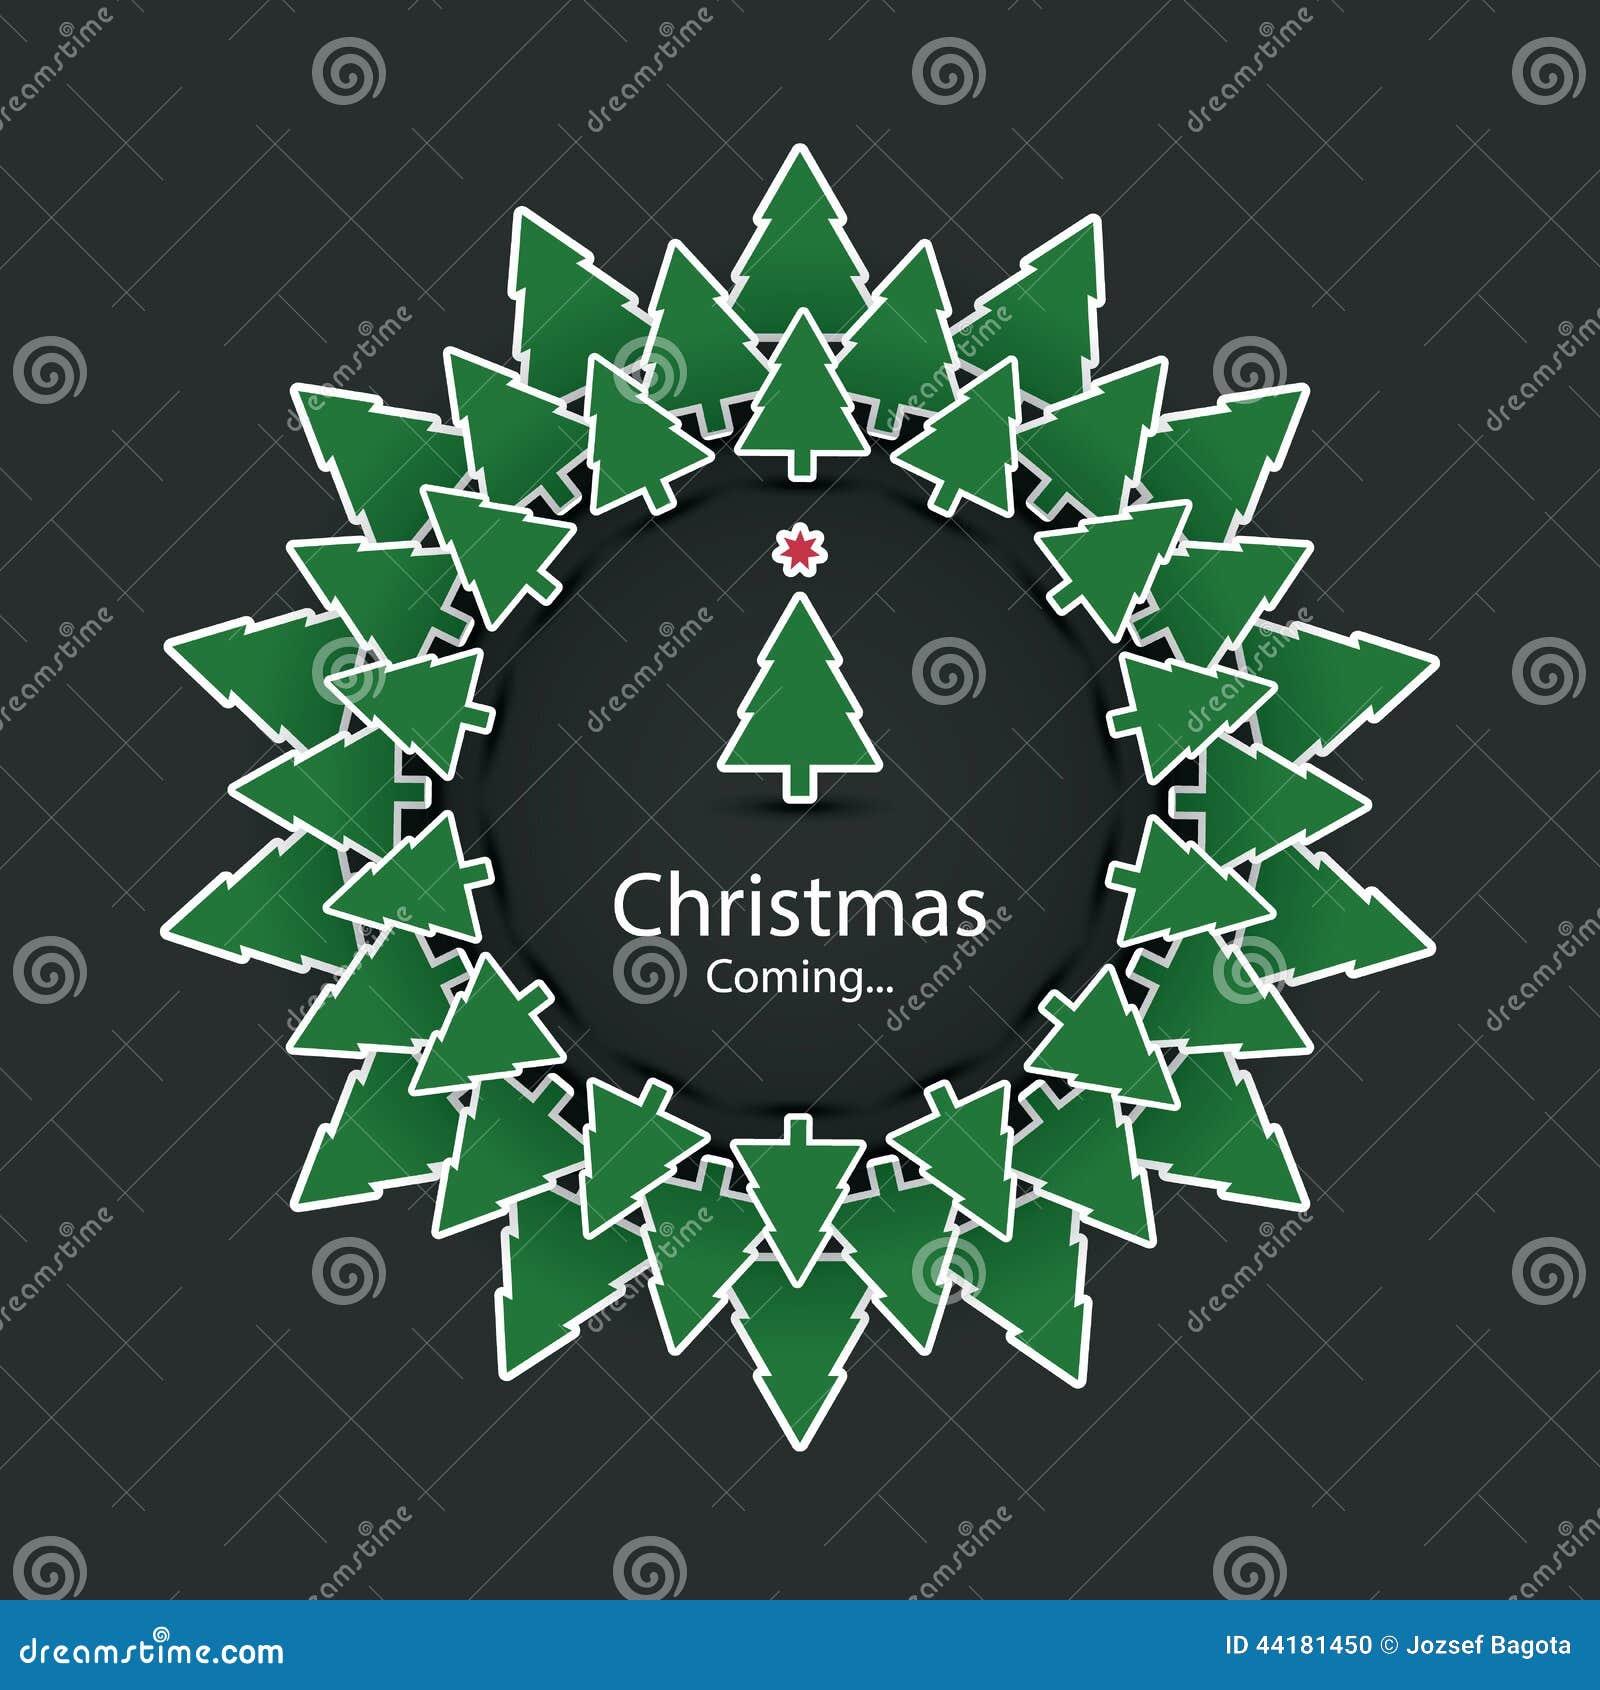 Weihnachten kommt weihnachtskarten design stockfoto - Designer weihnachtskarten ...